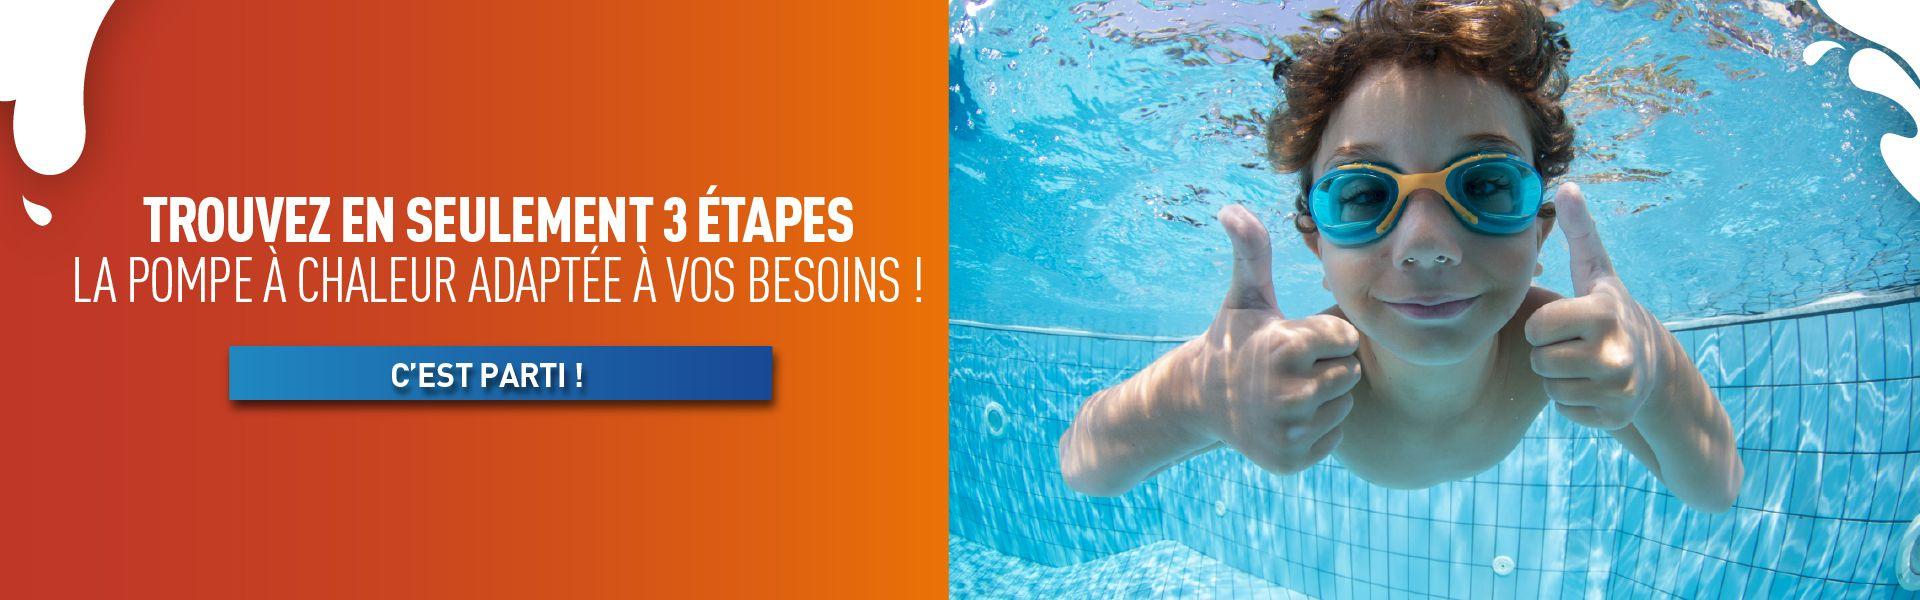 Cash Piscines - Tout Pour La Piscine & Spas Gonflables ... serapportantà Cash Piscine Brive